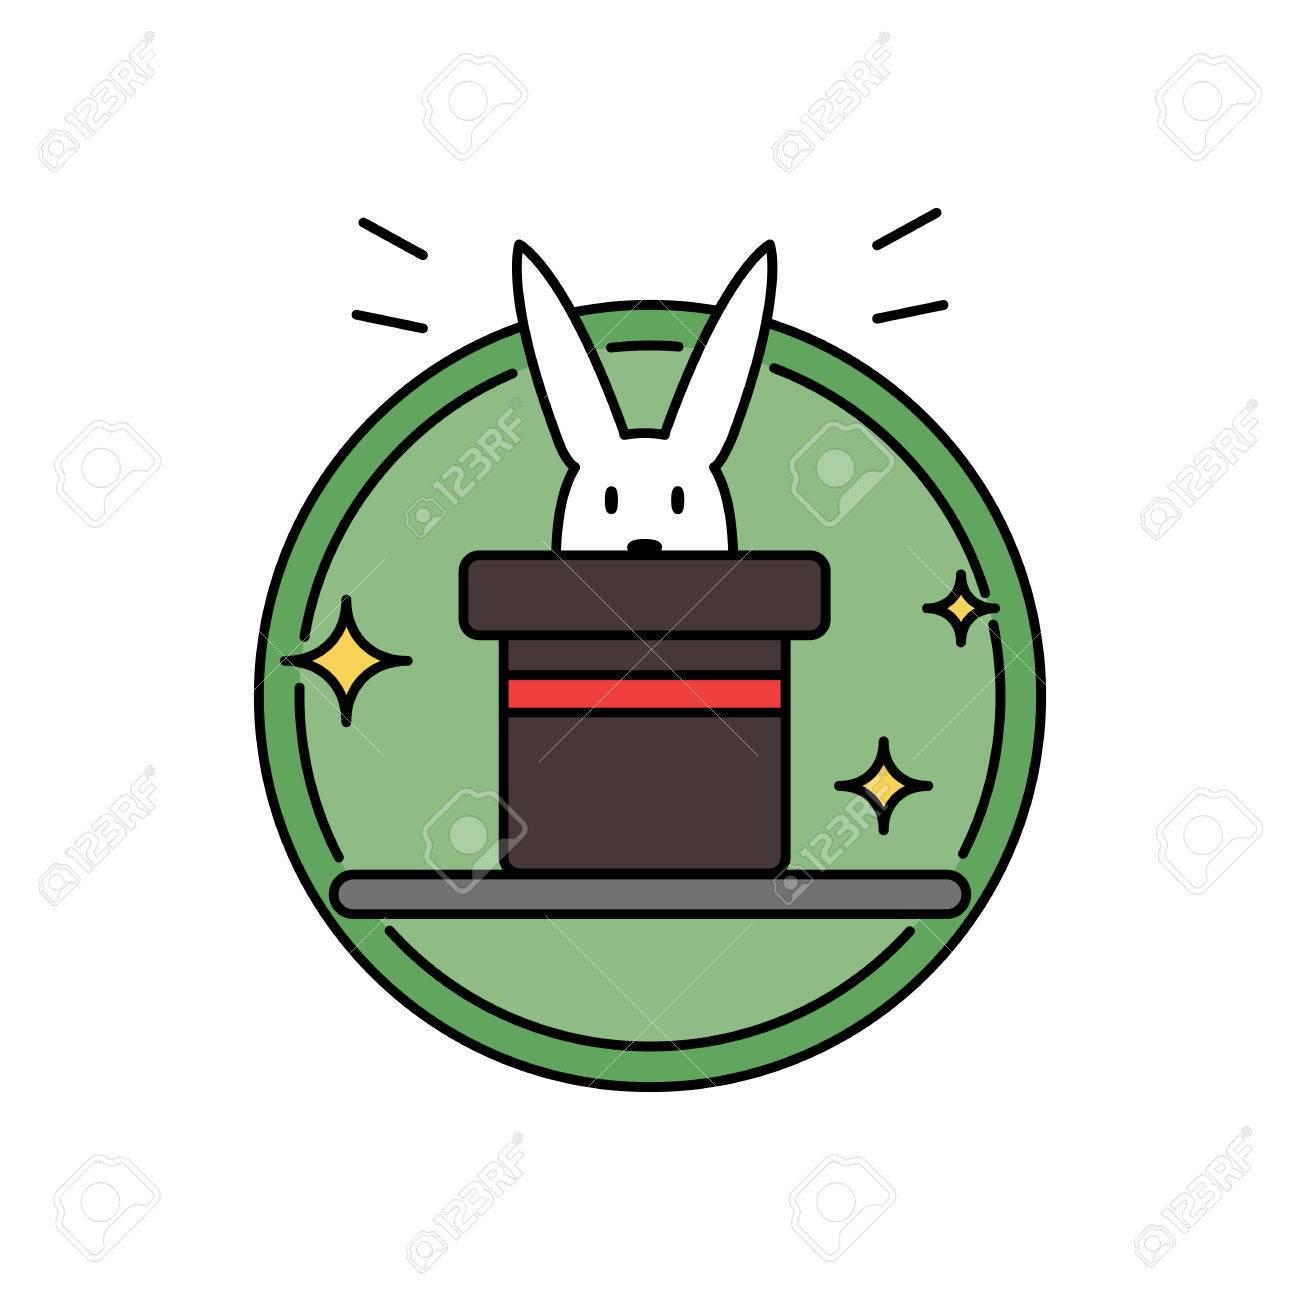 Rabbit inside magician hat, funny magic trick concept circle